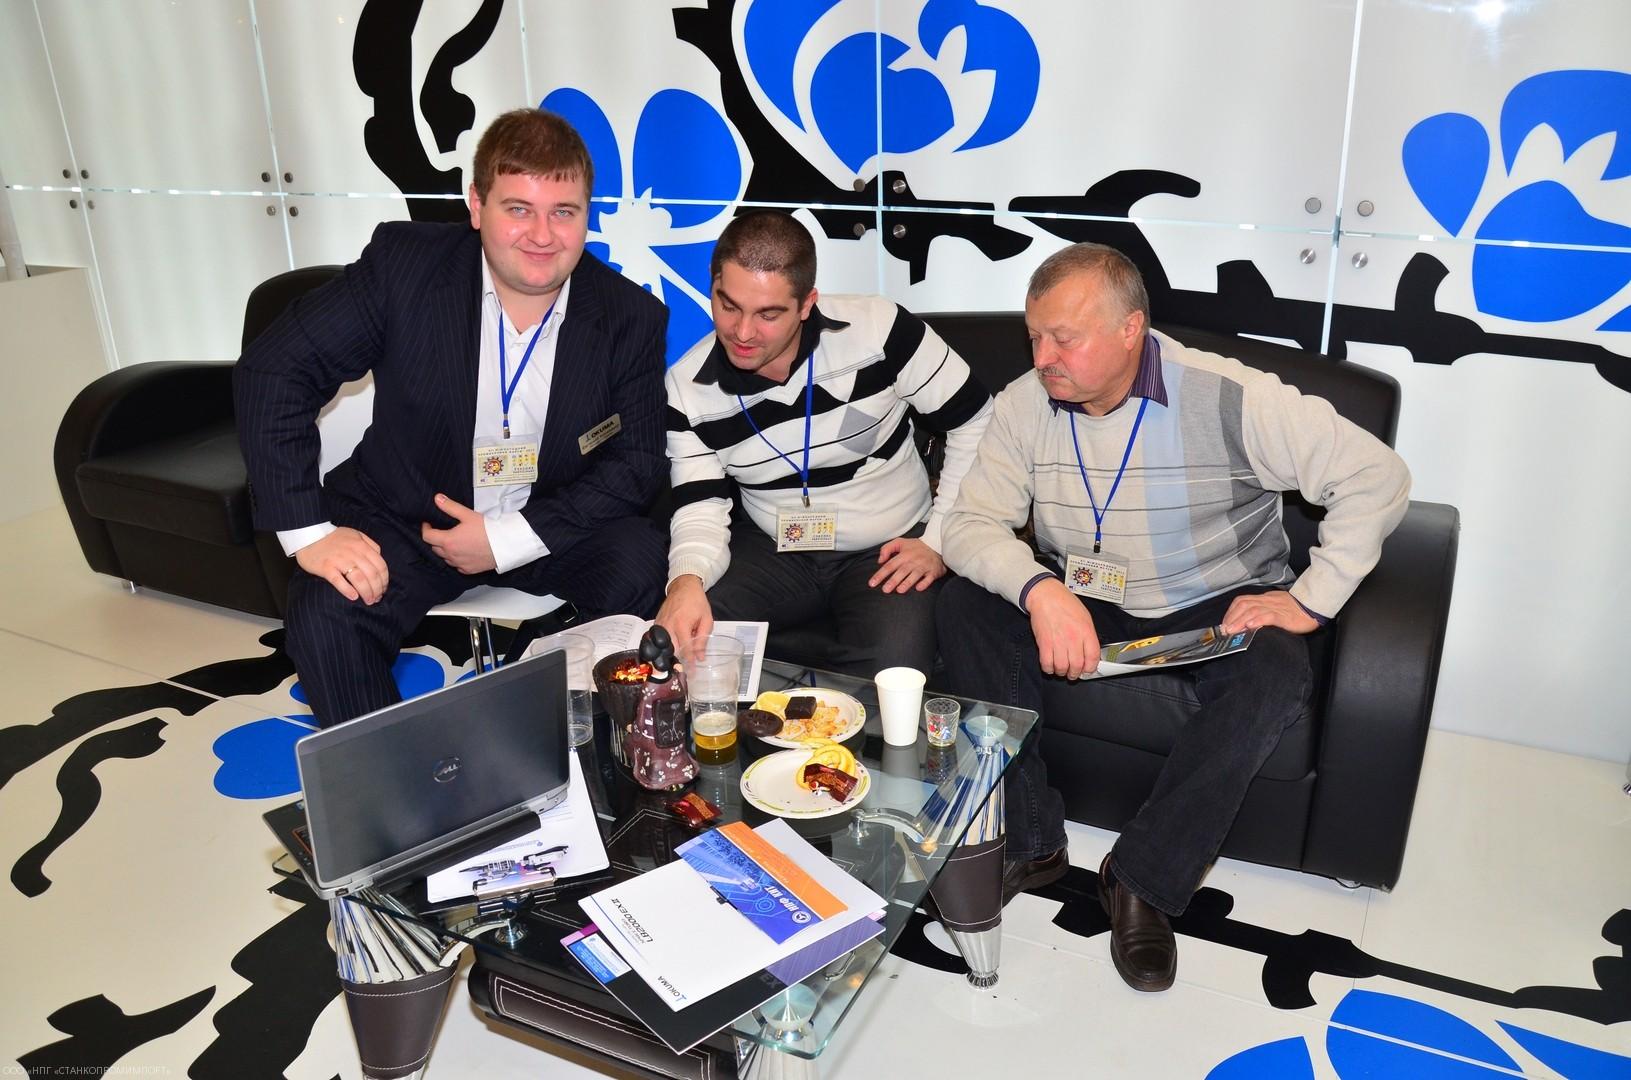 Международный промышленный форум 2013. Работа с клиентами